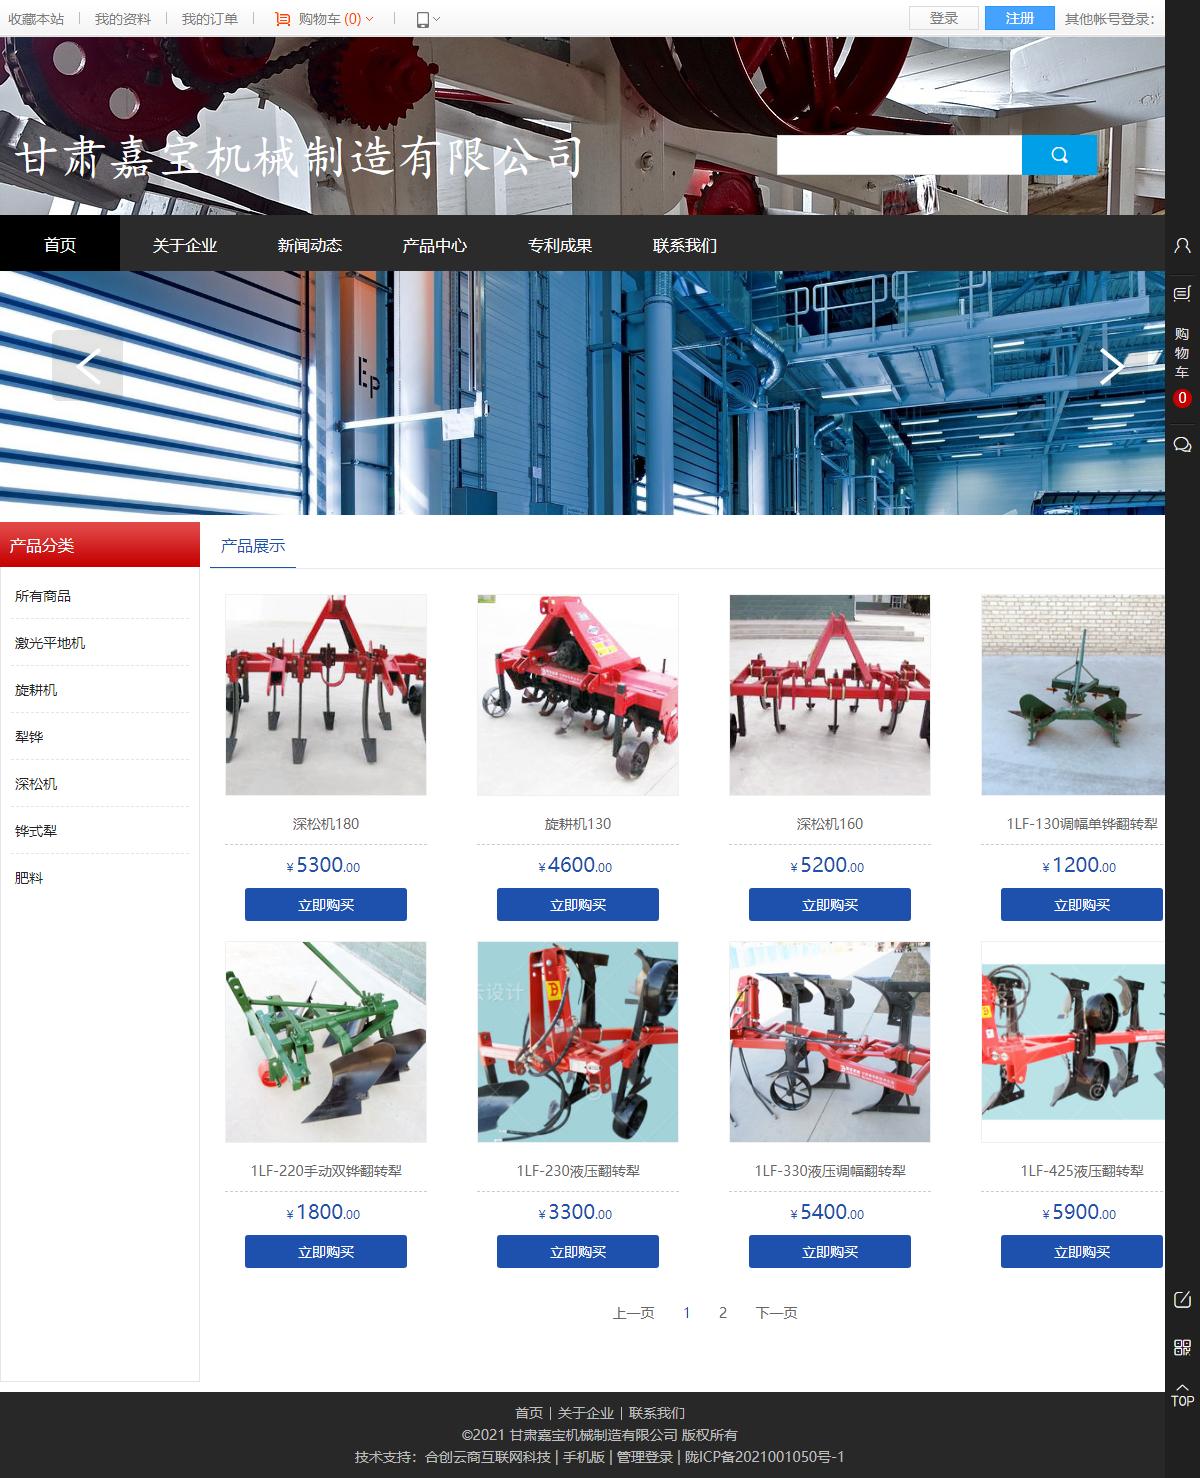 甘肃嘉宝机械制造有限公司网站案例